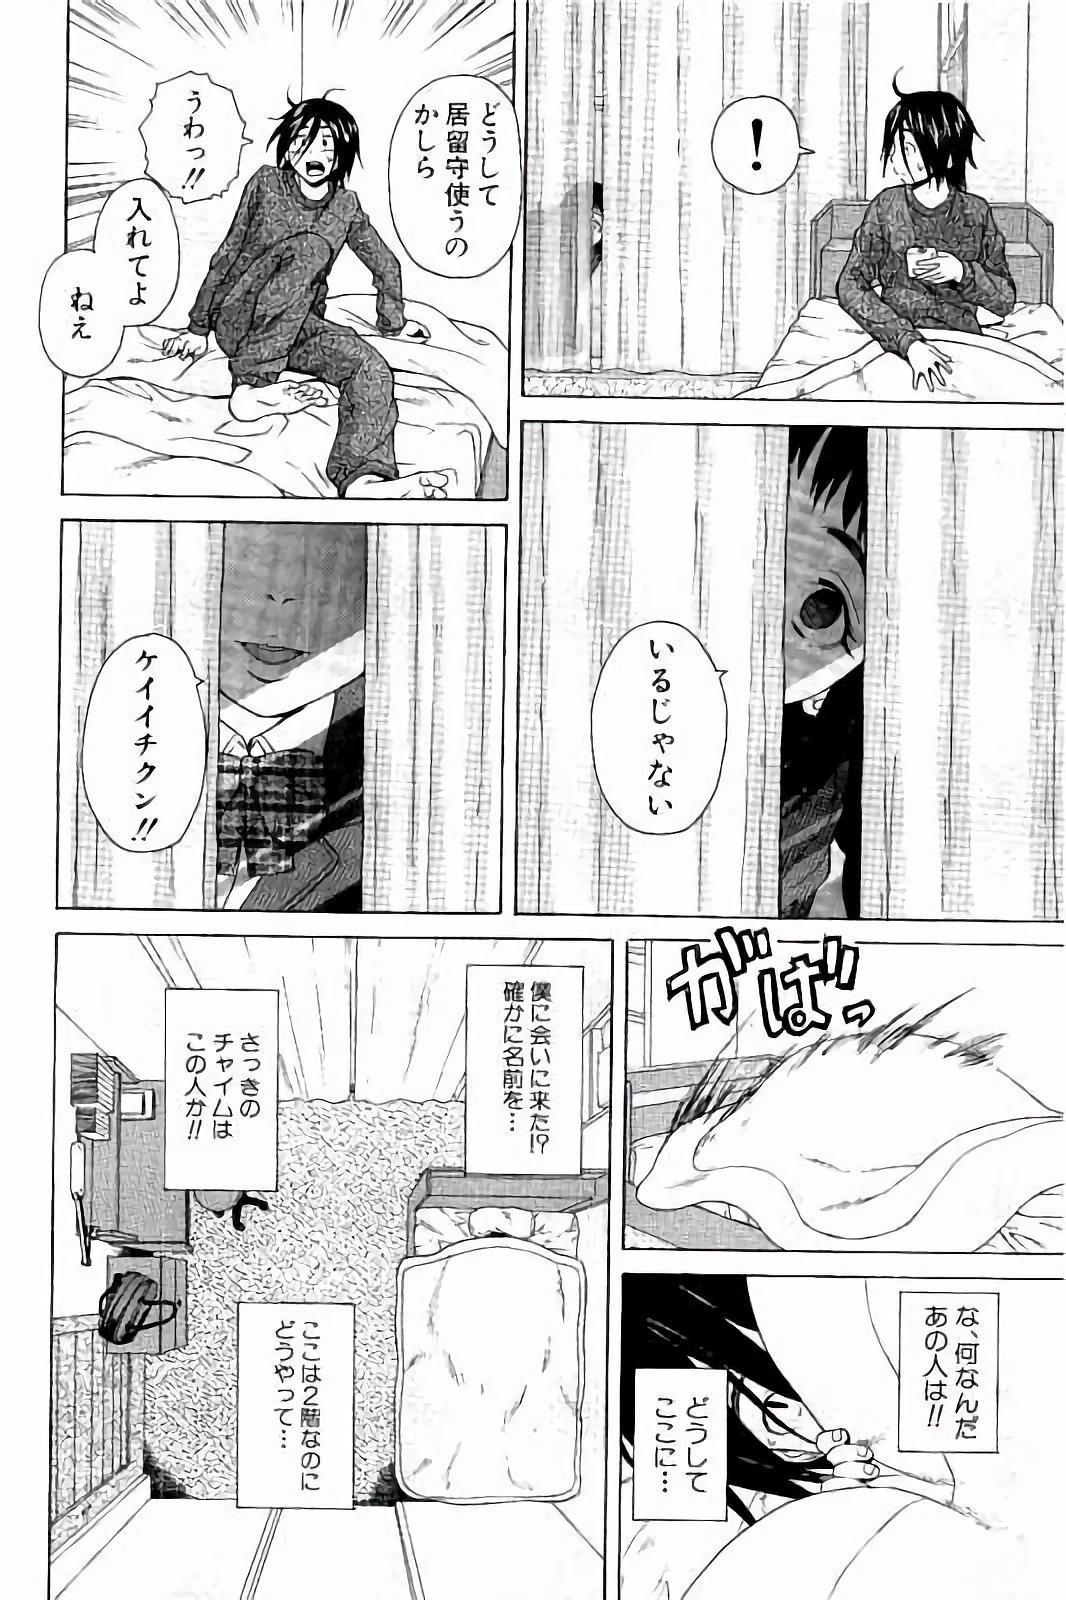 Ane no Himitsu To Boku no Jisatsu 13